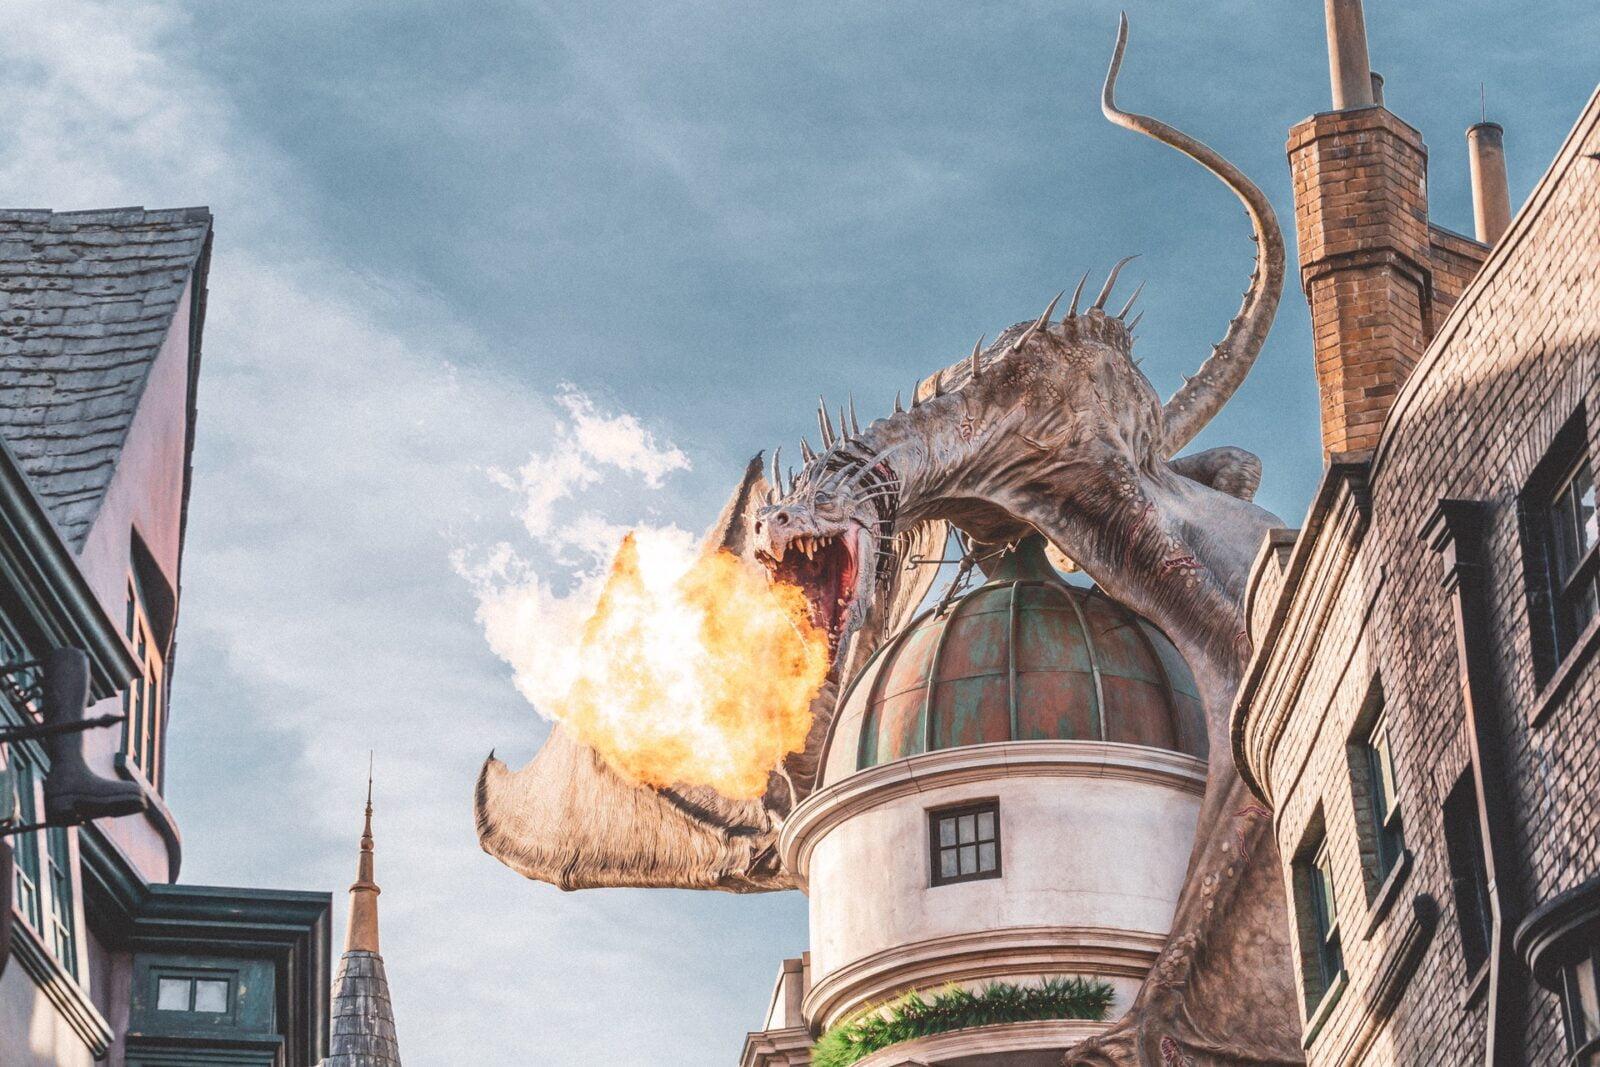 Gerçeküstü Güzellikteki İskoçya'dan Harry Potter Gezilecek Yerler Listesi